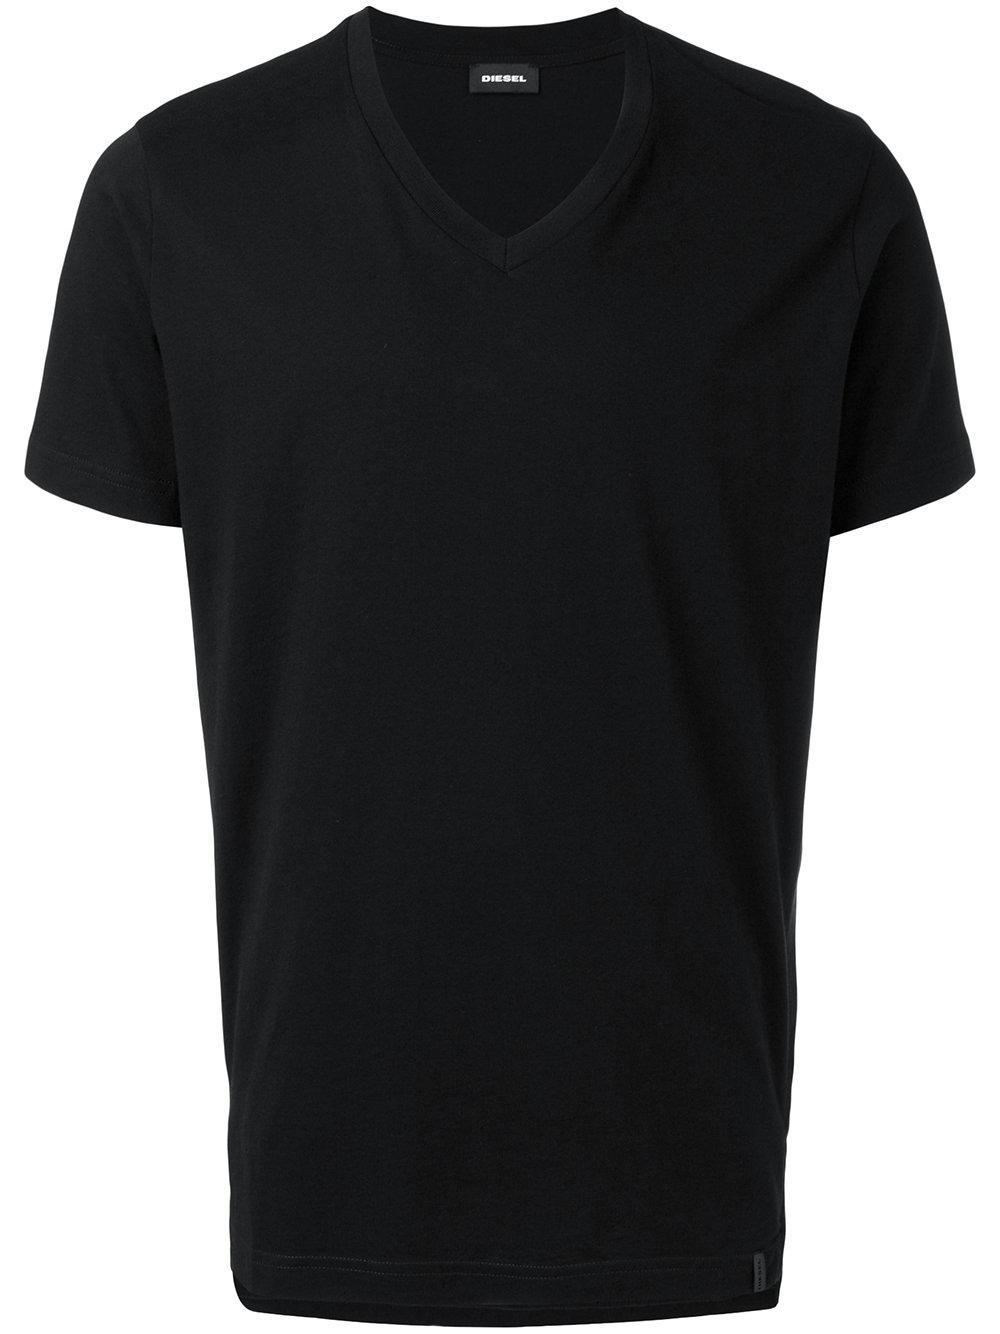 Diesel v neck t shirt in black for men lyst for Mens diesel v neck t shirts